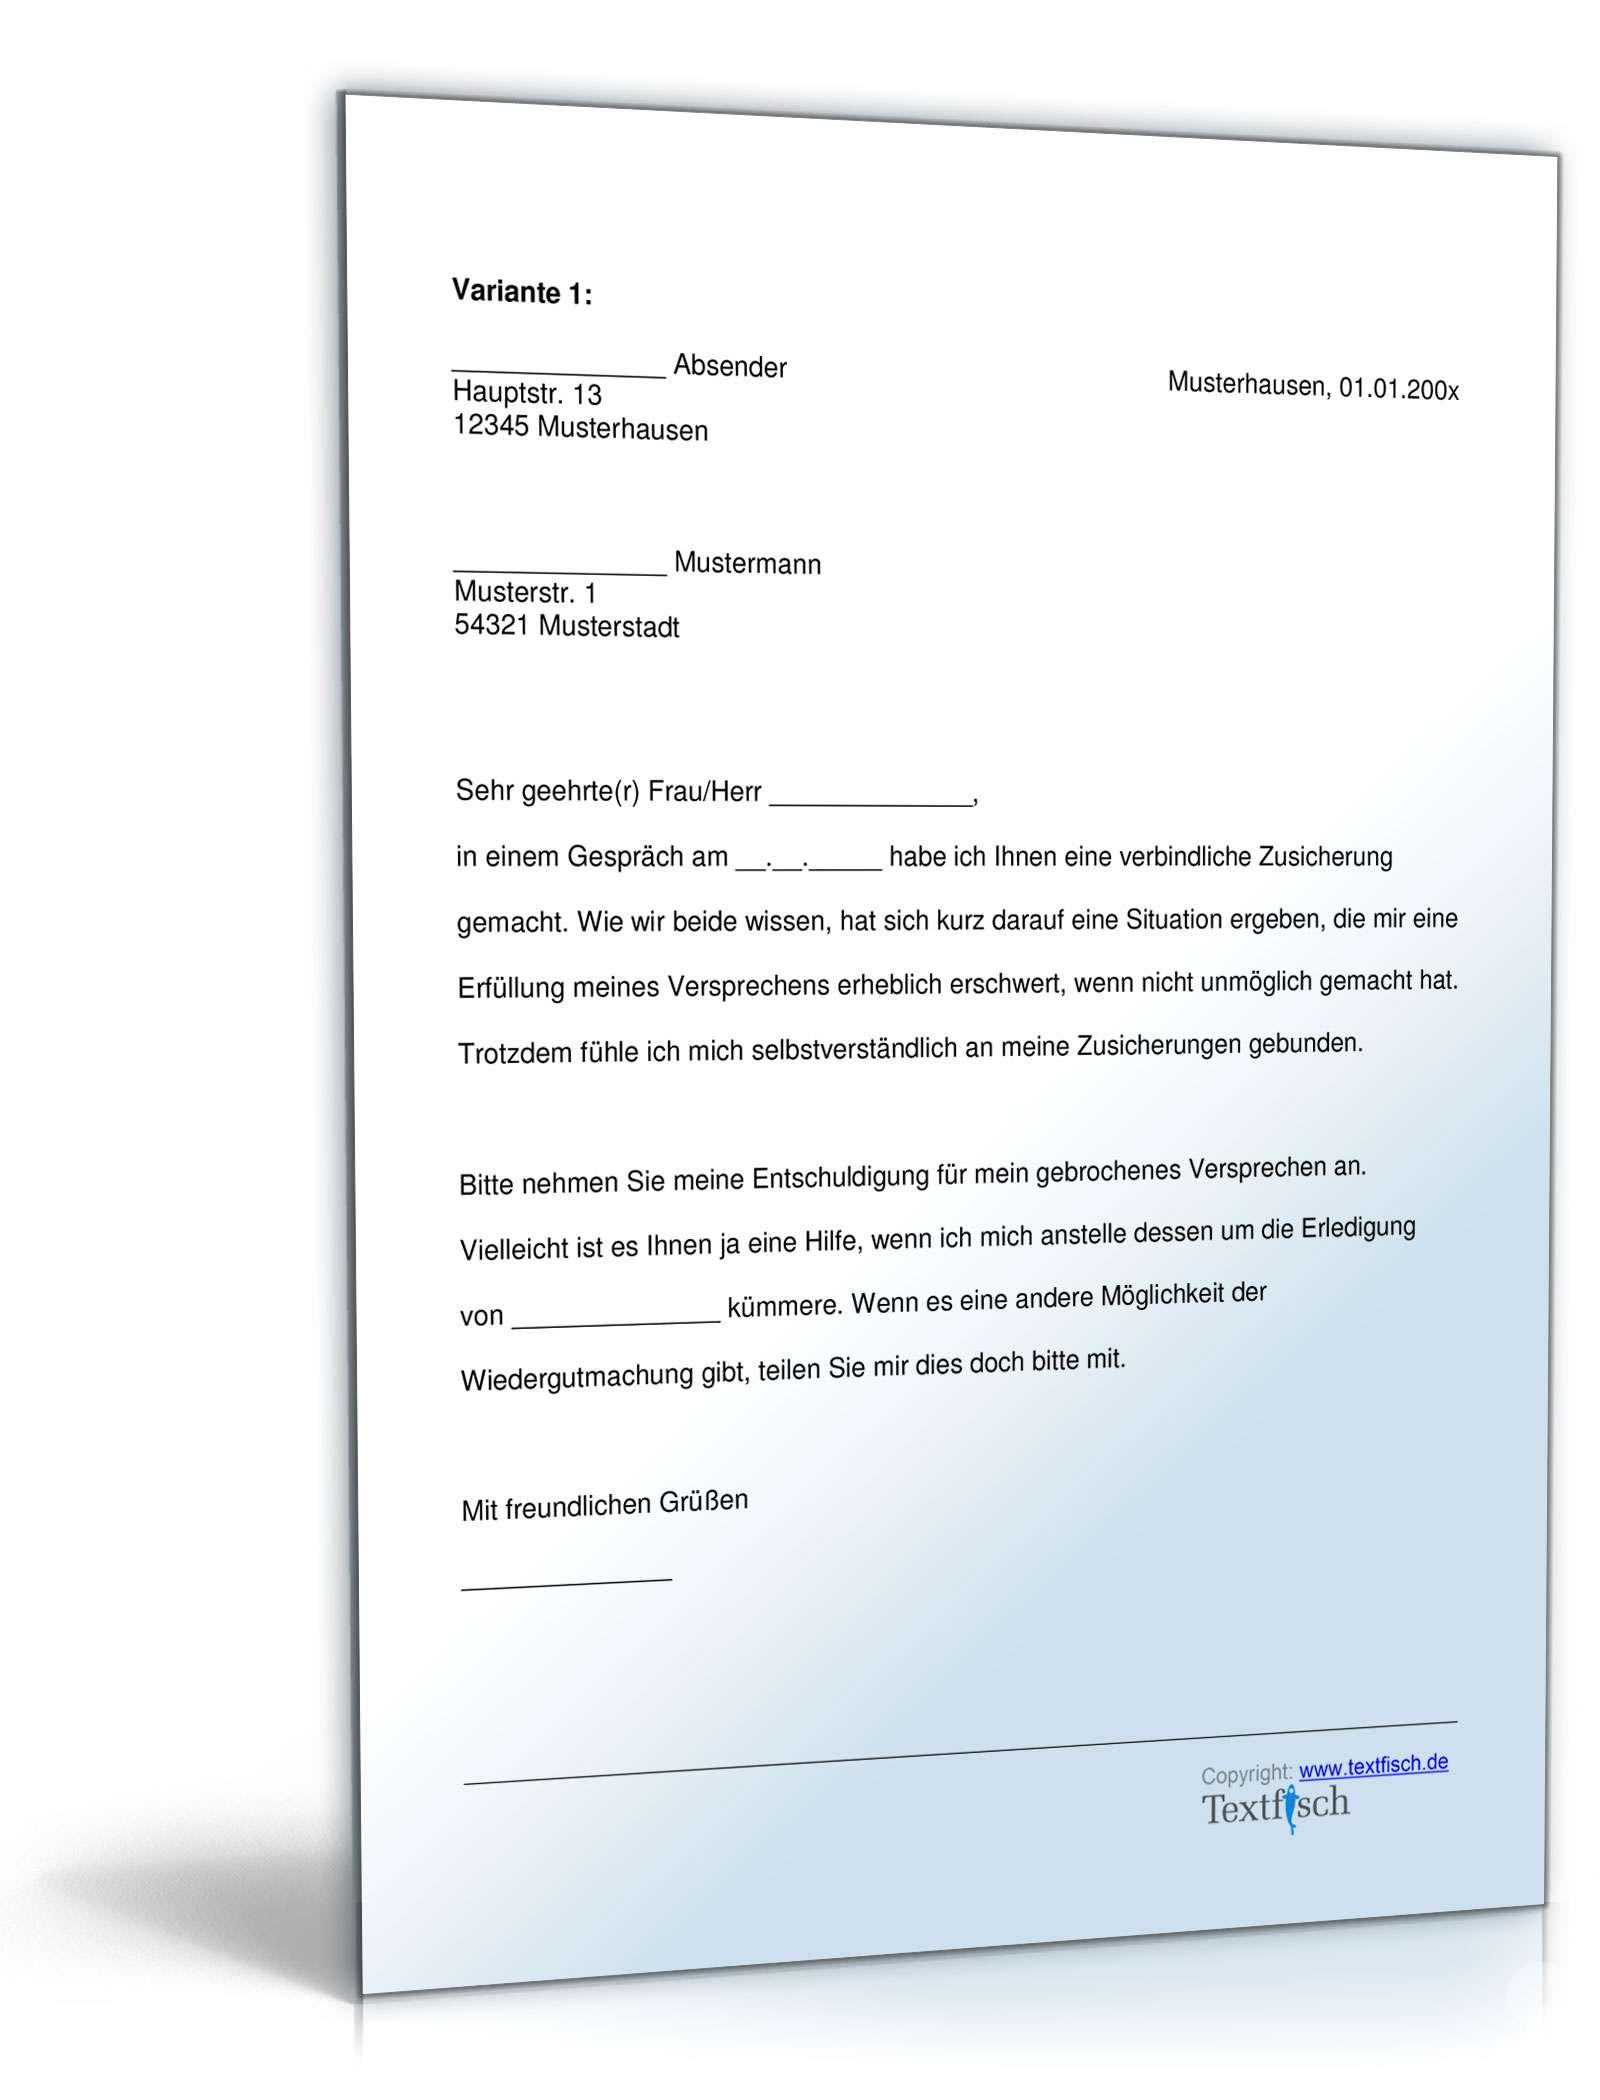 Musterbriefe Entschuldigungsschreiben Geschäftlich : Entschuldigung nicht eingehaltenes versprechen muster